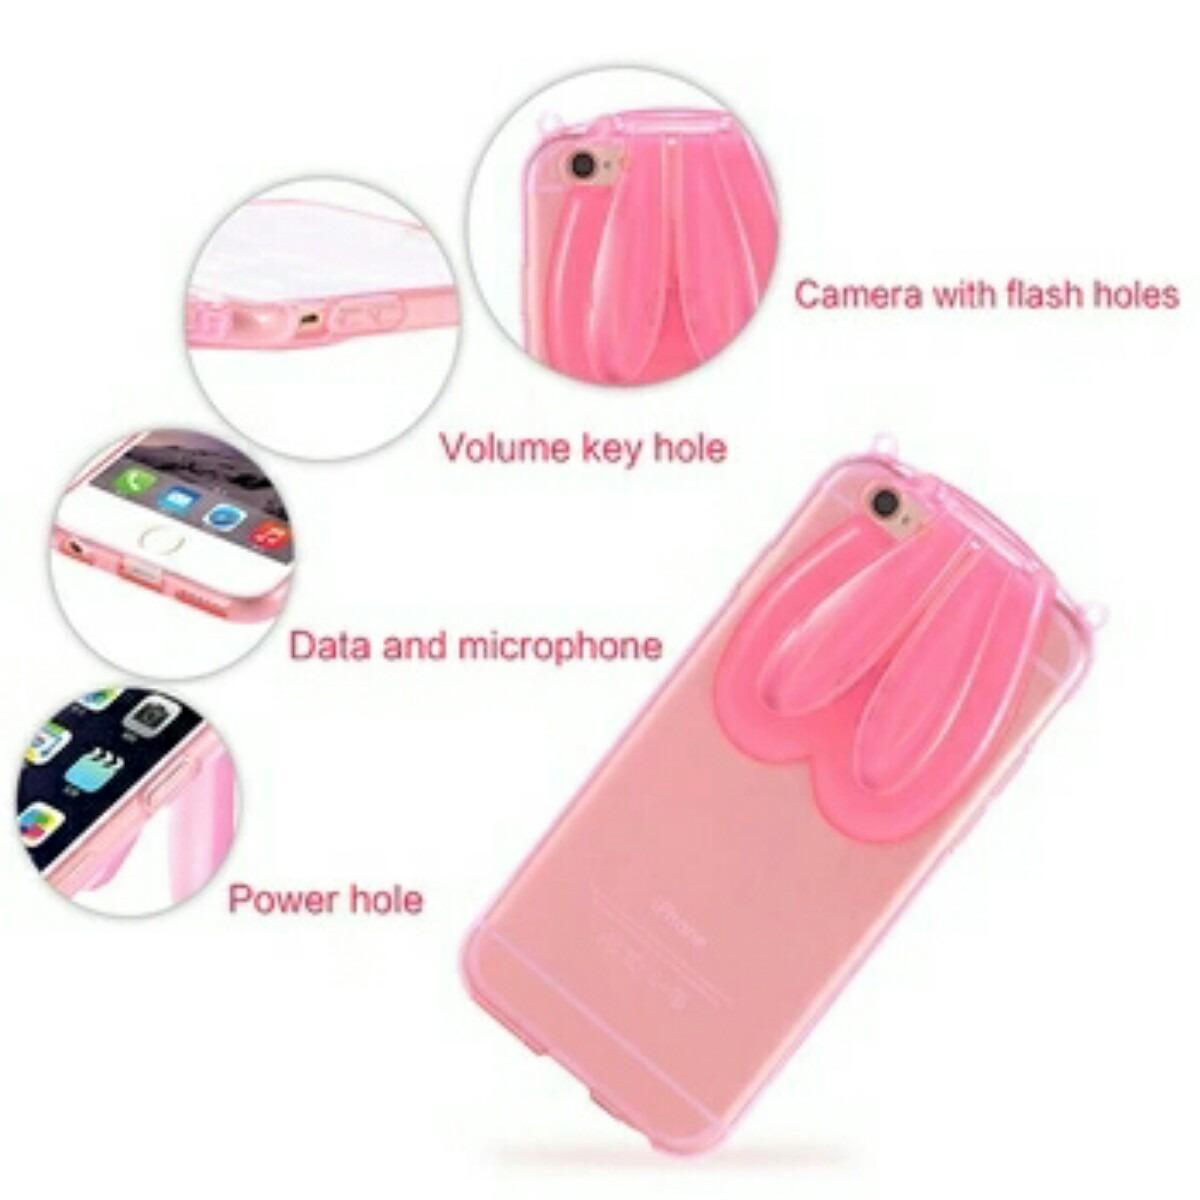 f12d94e51b3 Funda Bumper Conejo Orejas iPhone 6 Plus Colores 5.5 - $ 60.00 en ...